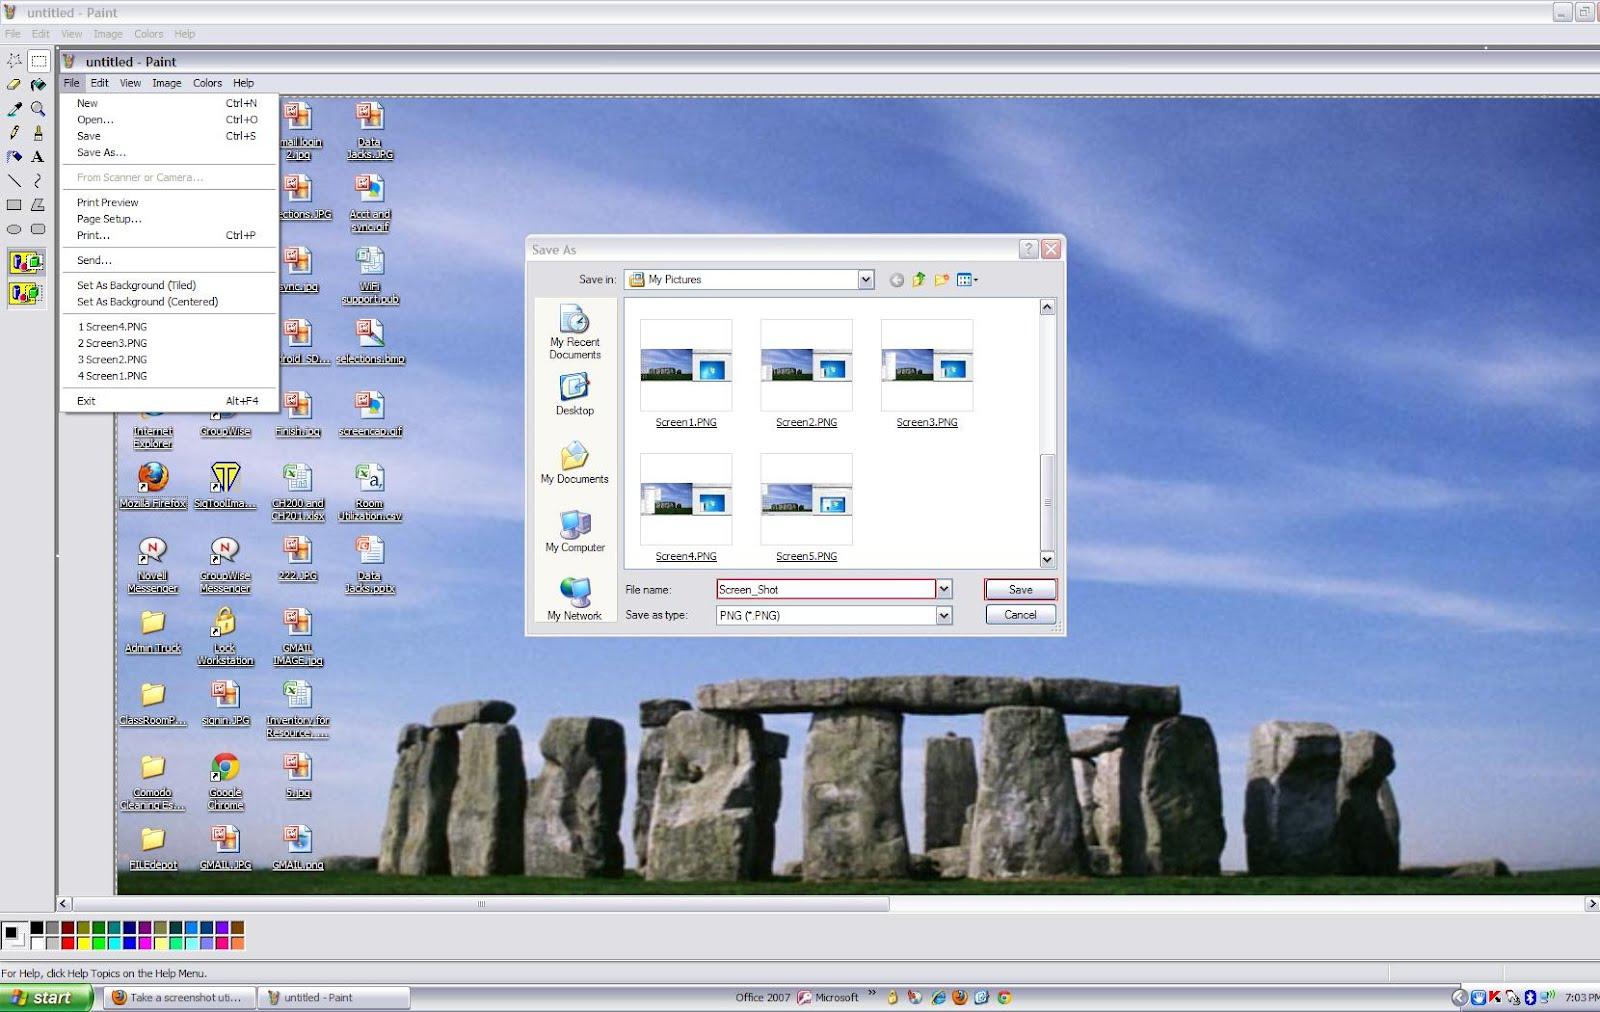 طريقة تصوير شاشة الكمبيوتر من الكيبورد المرسال